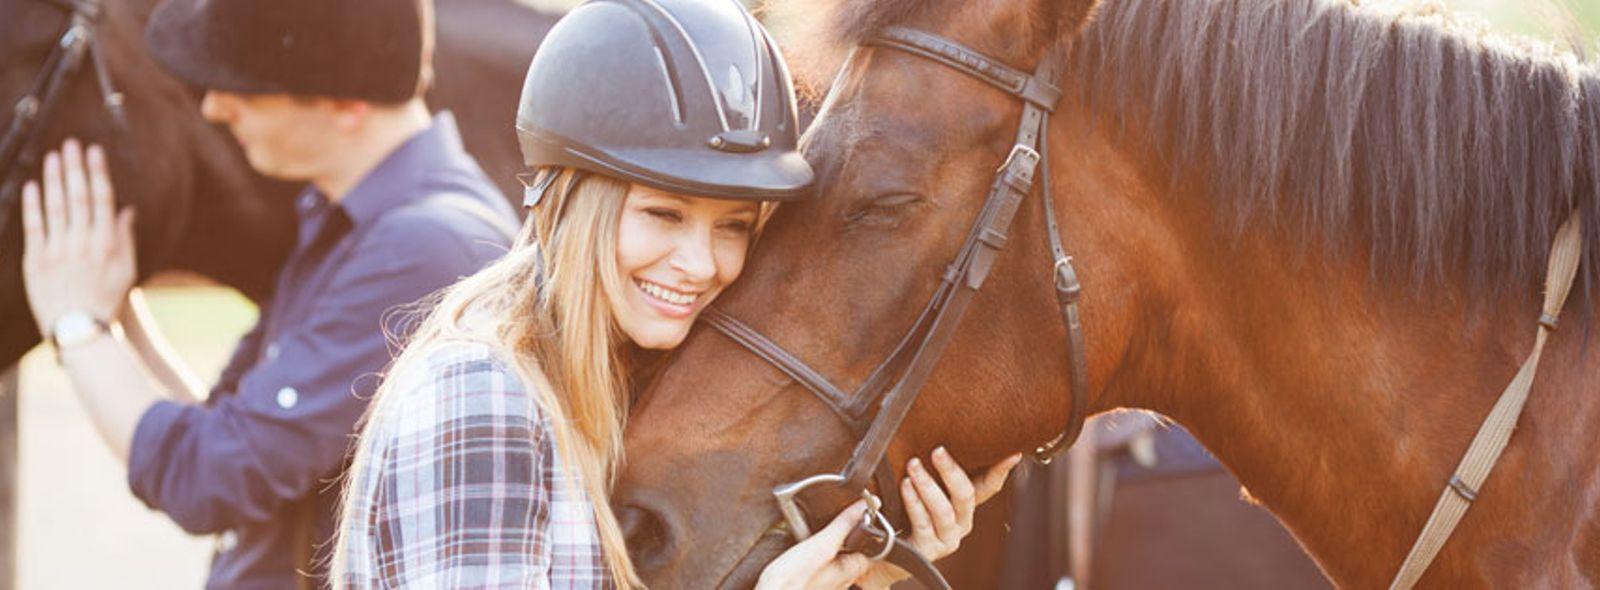 Equitazione: i benefici su corpo e mente